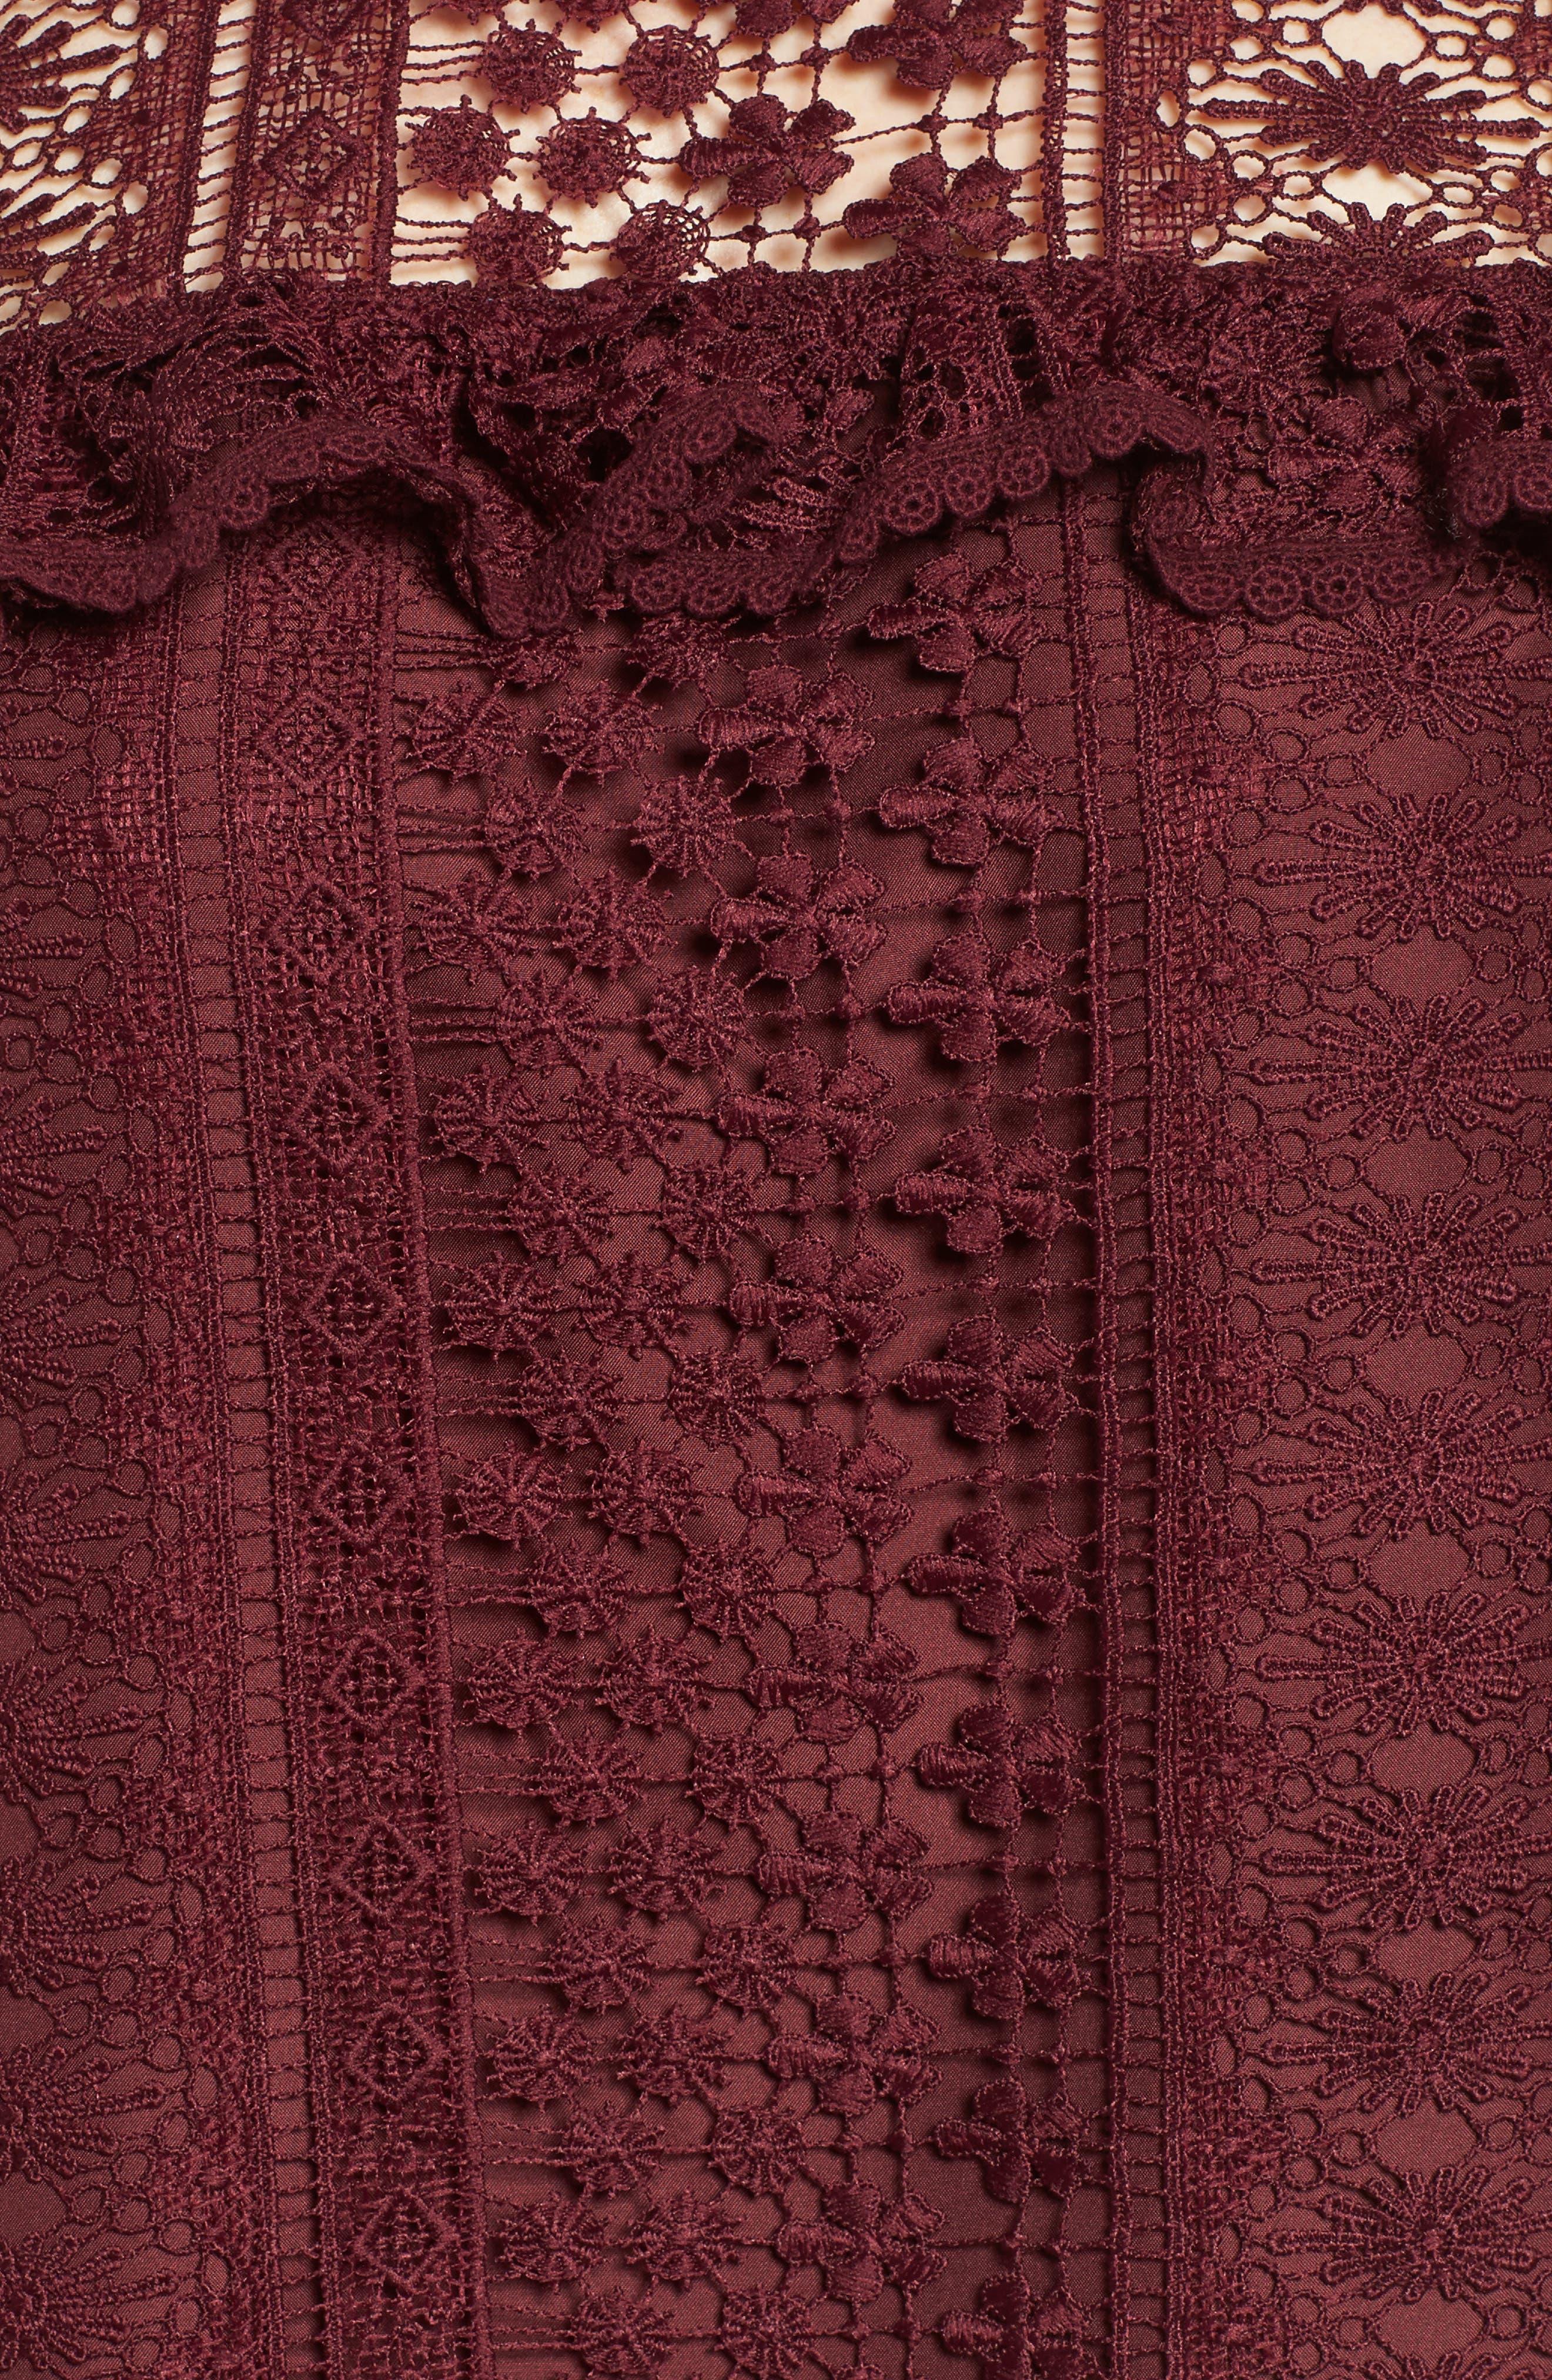 Kebecka Lace Top,                             Alternate thumbnail 5, color,                             901